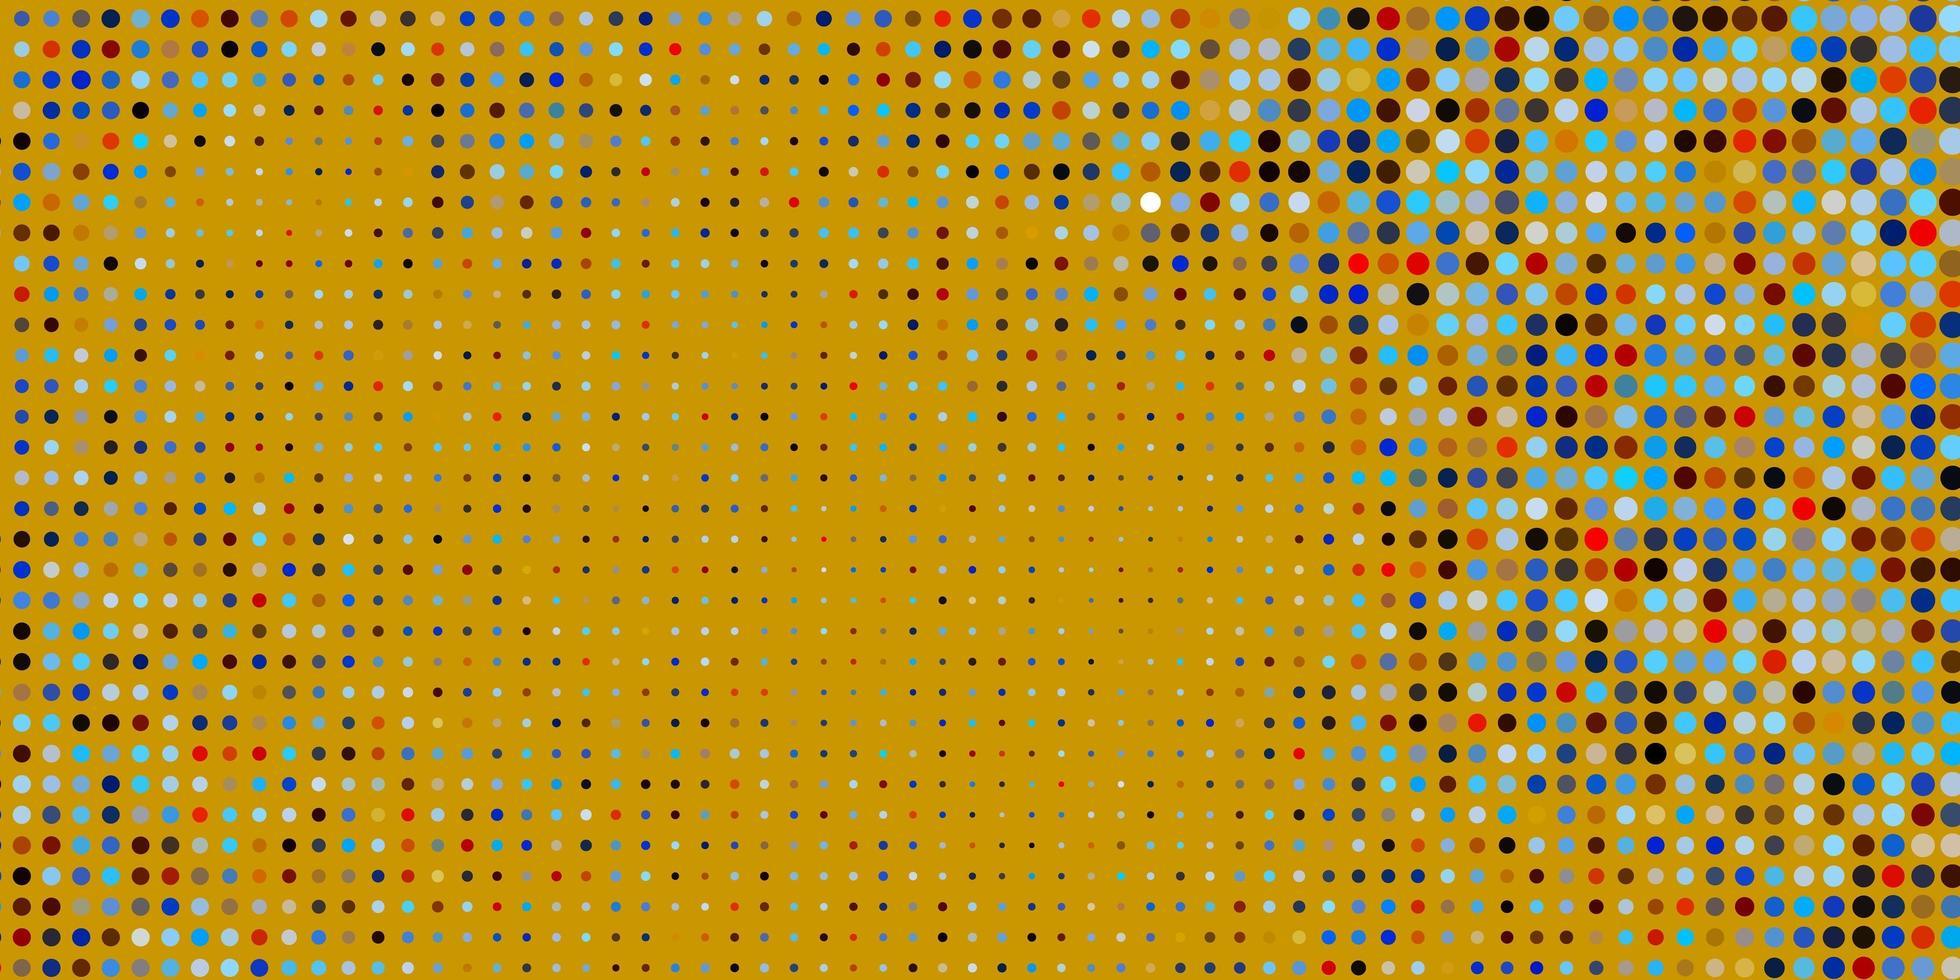 ljusblå, gul bakgrund med prickar. vektor